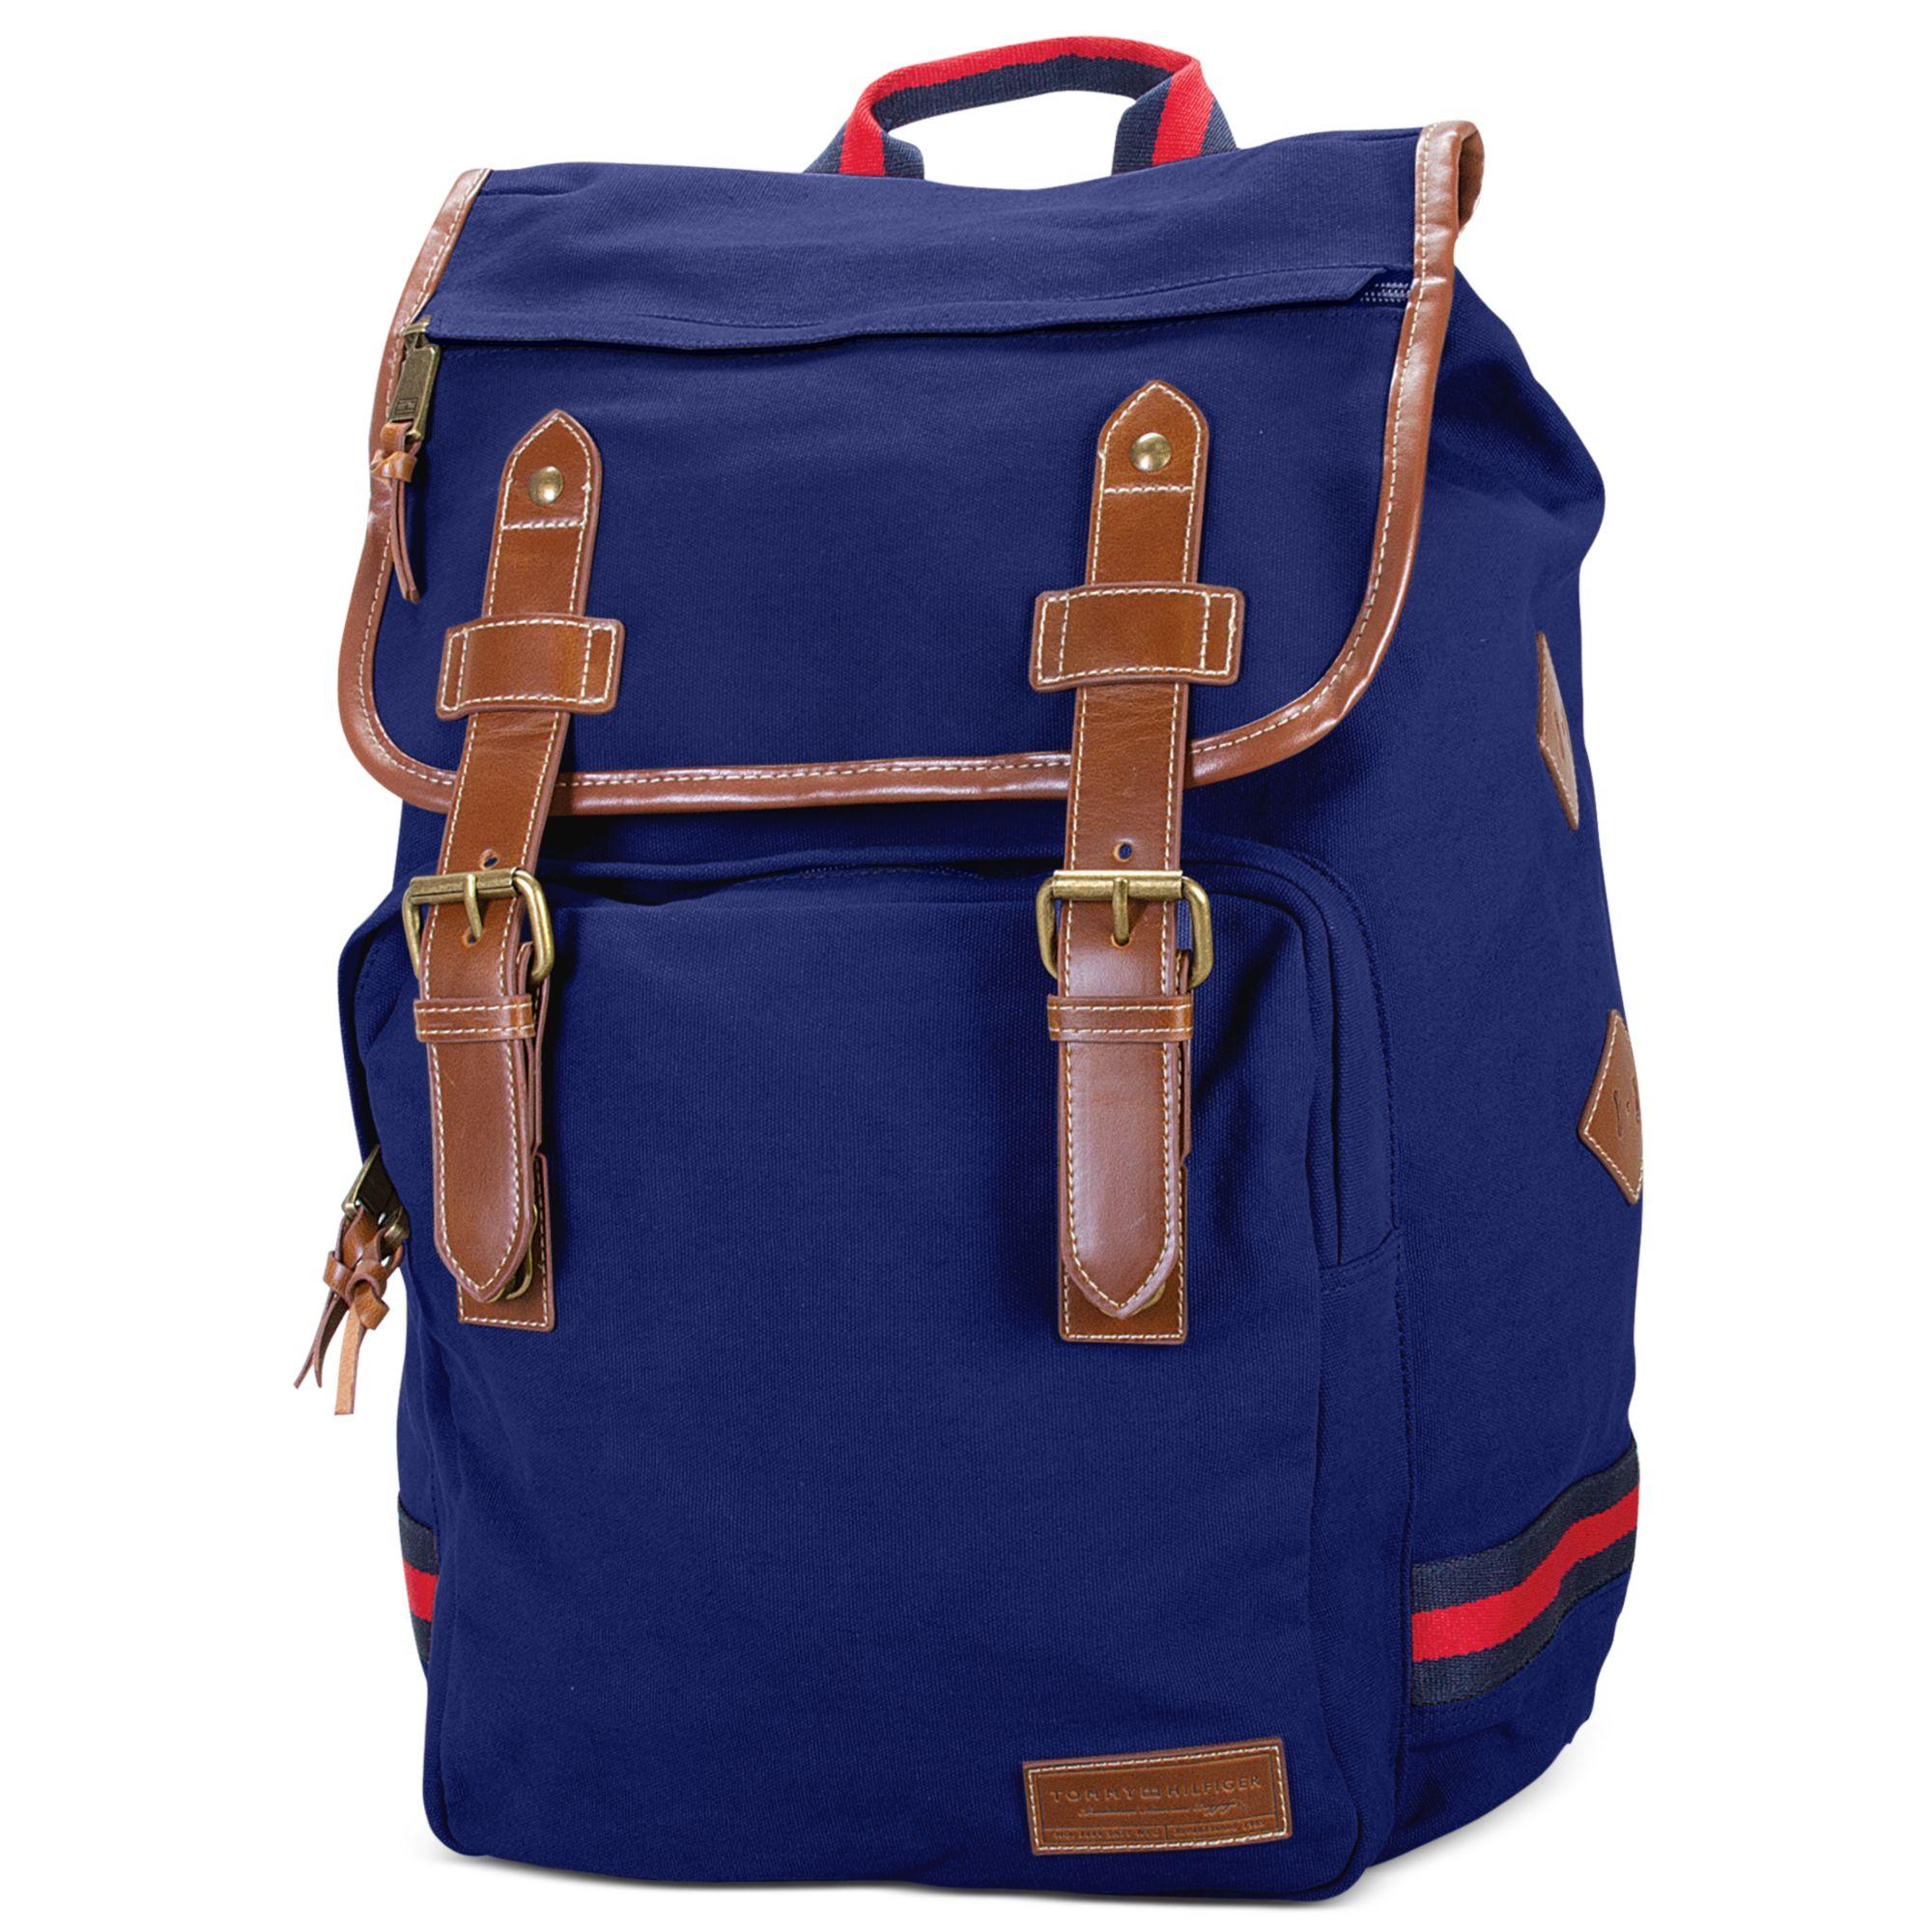 tommy hilfiger canvas backpack in blue for men navy lyst. Black Bedroom Furniture Sets. Home Design Ideas